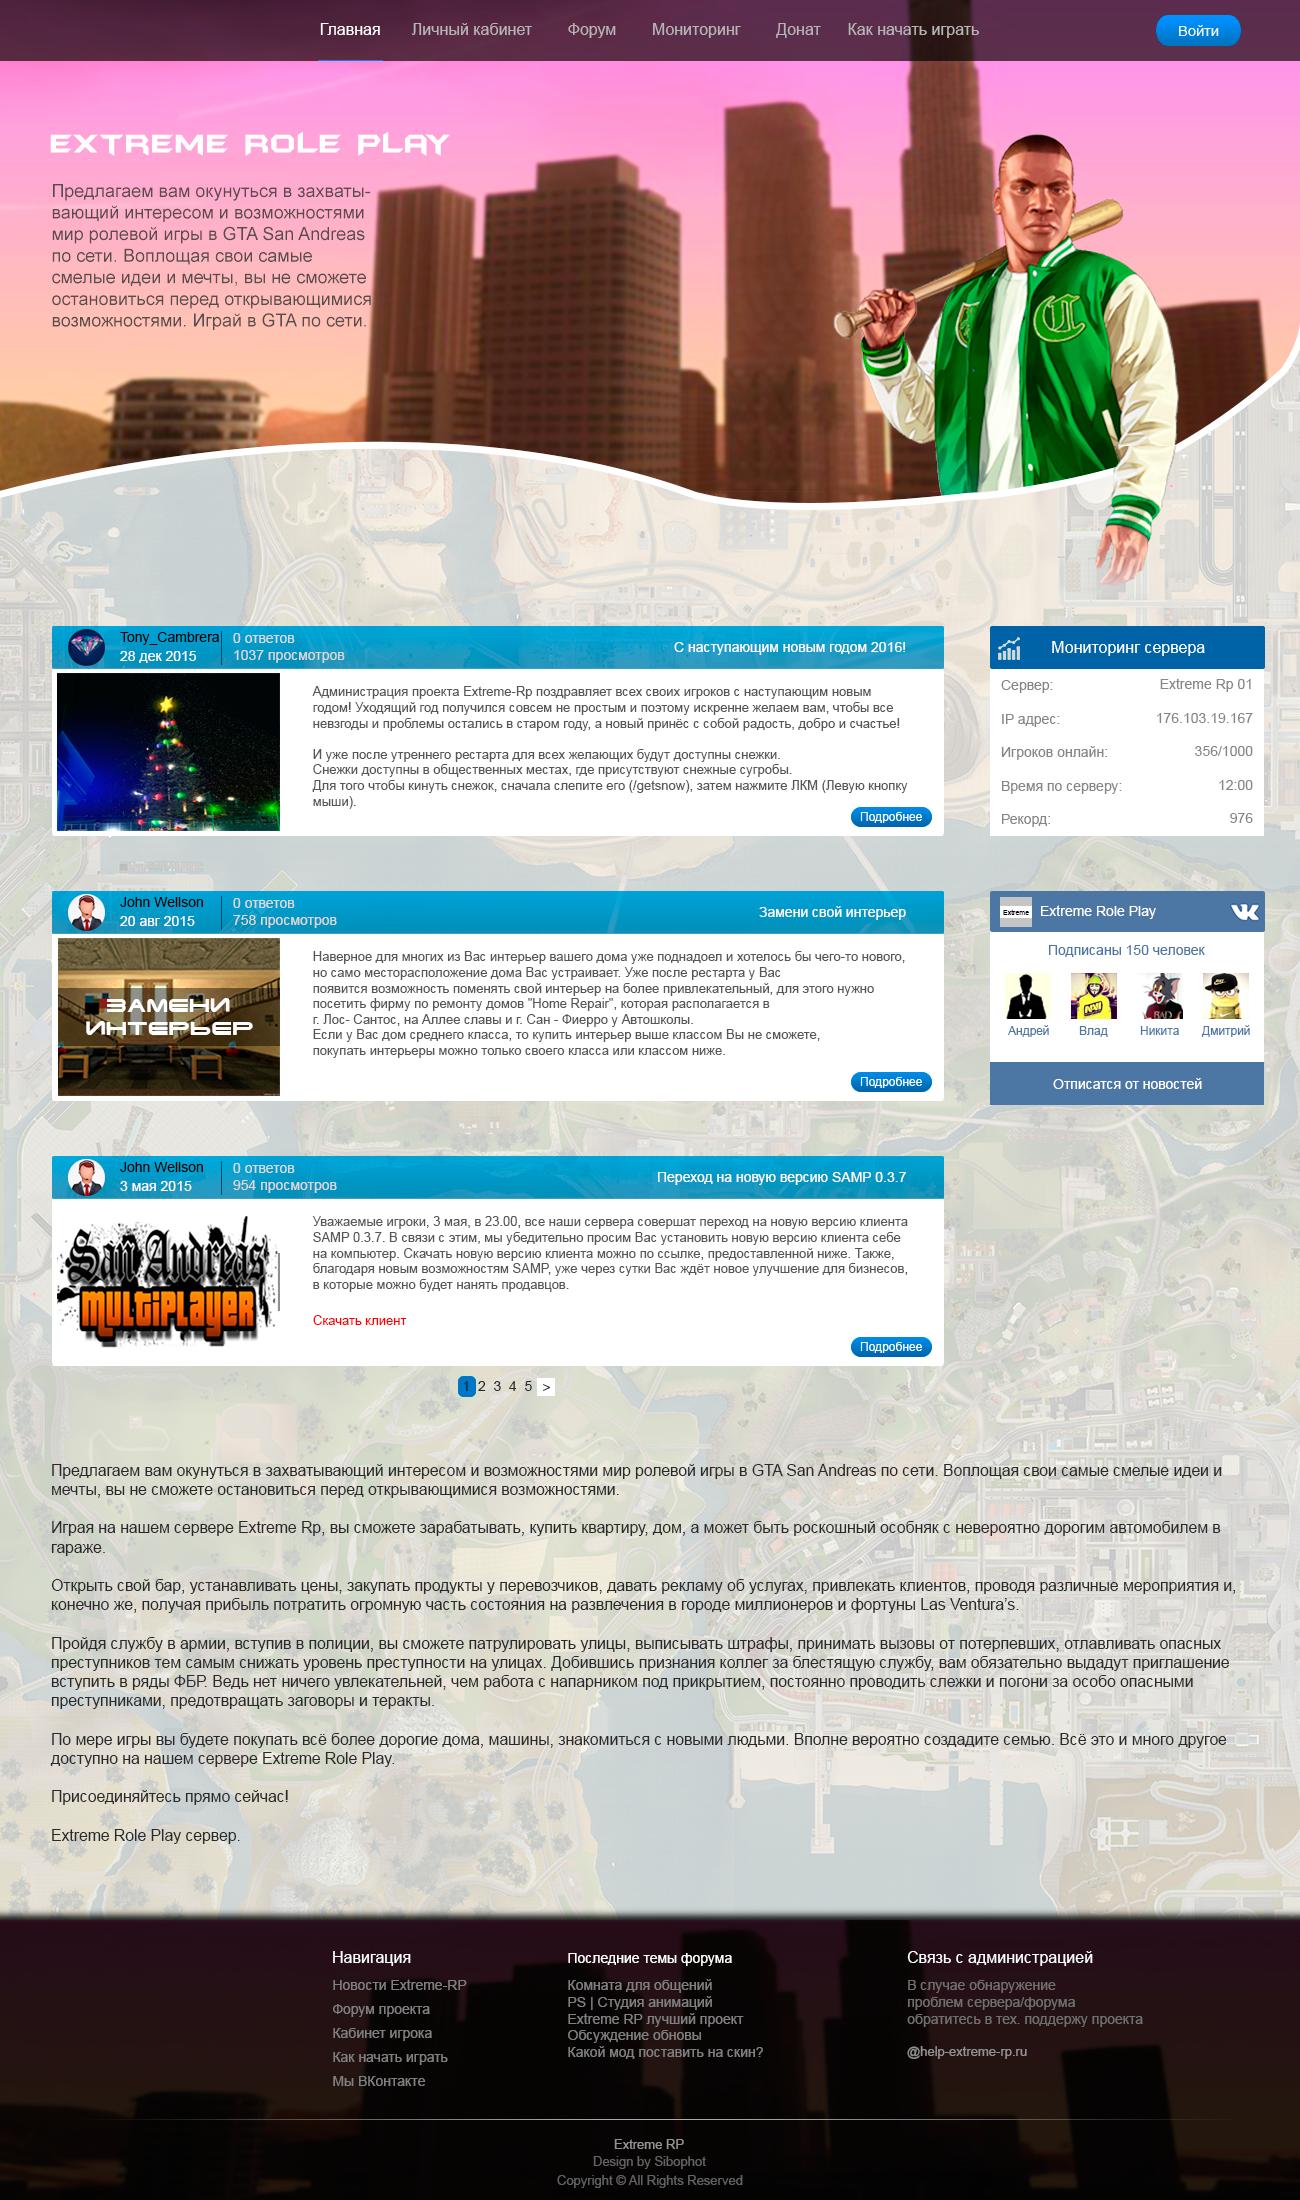 Дизайн главной страница для сетевой игры